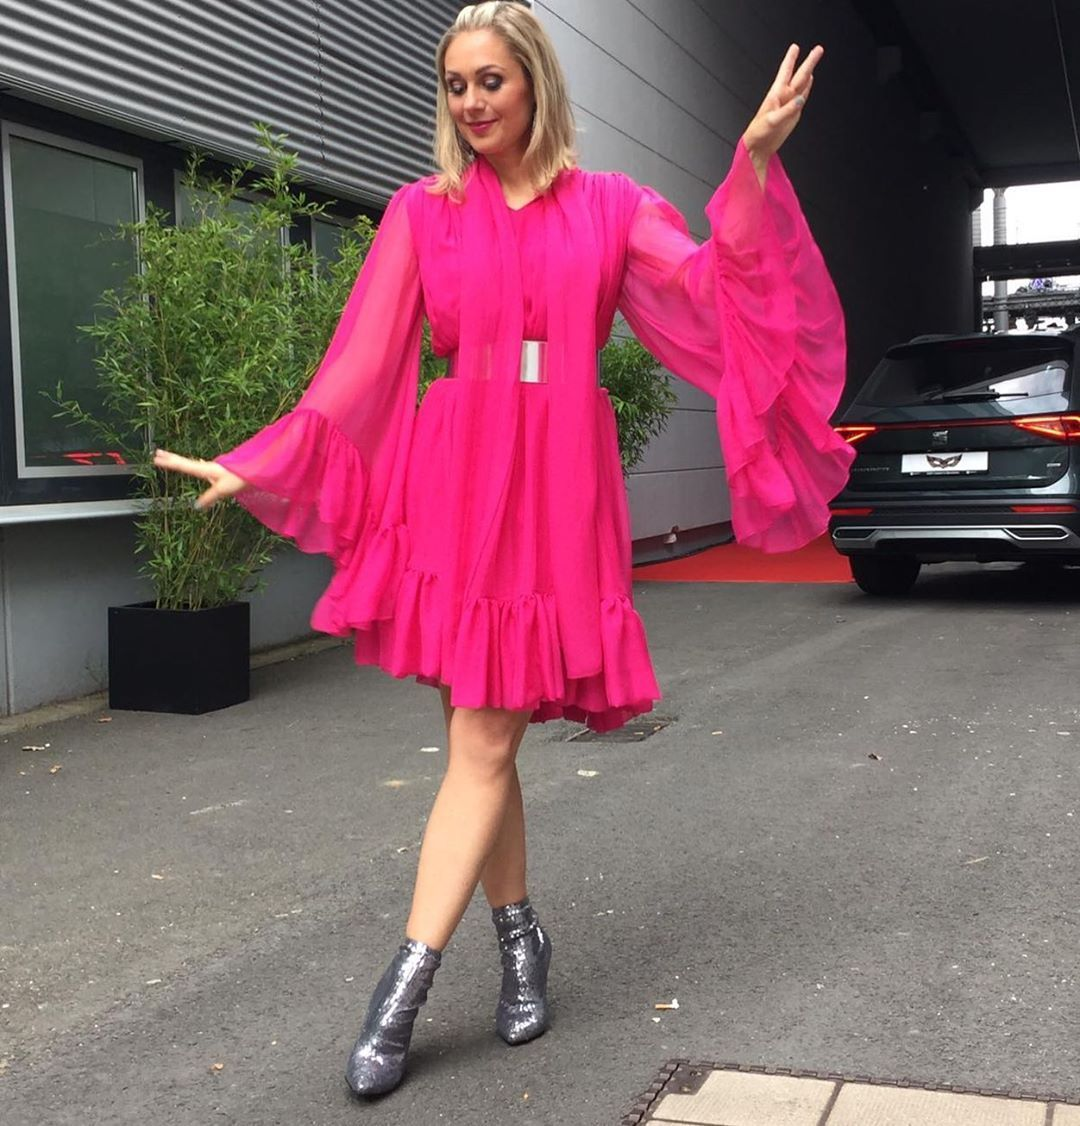 Ruth Moschner On Instagram Wenn Engel Und Monster Ein Kind Hatten Ich Bin So Gespannt Auf Das Grosse Finale Von Masked Singer Germany Wir Starten Heu